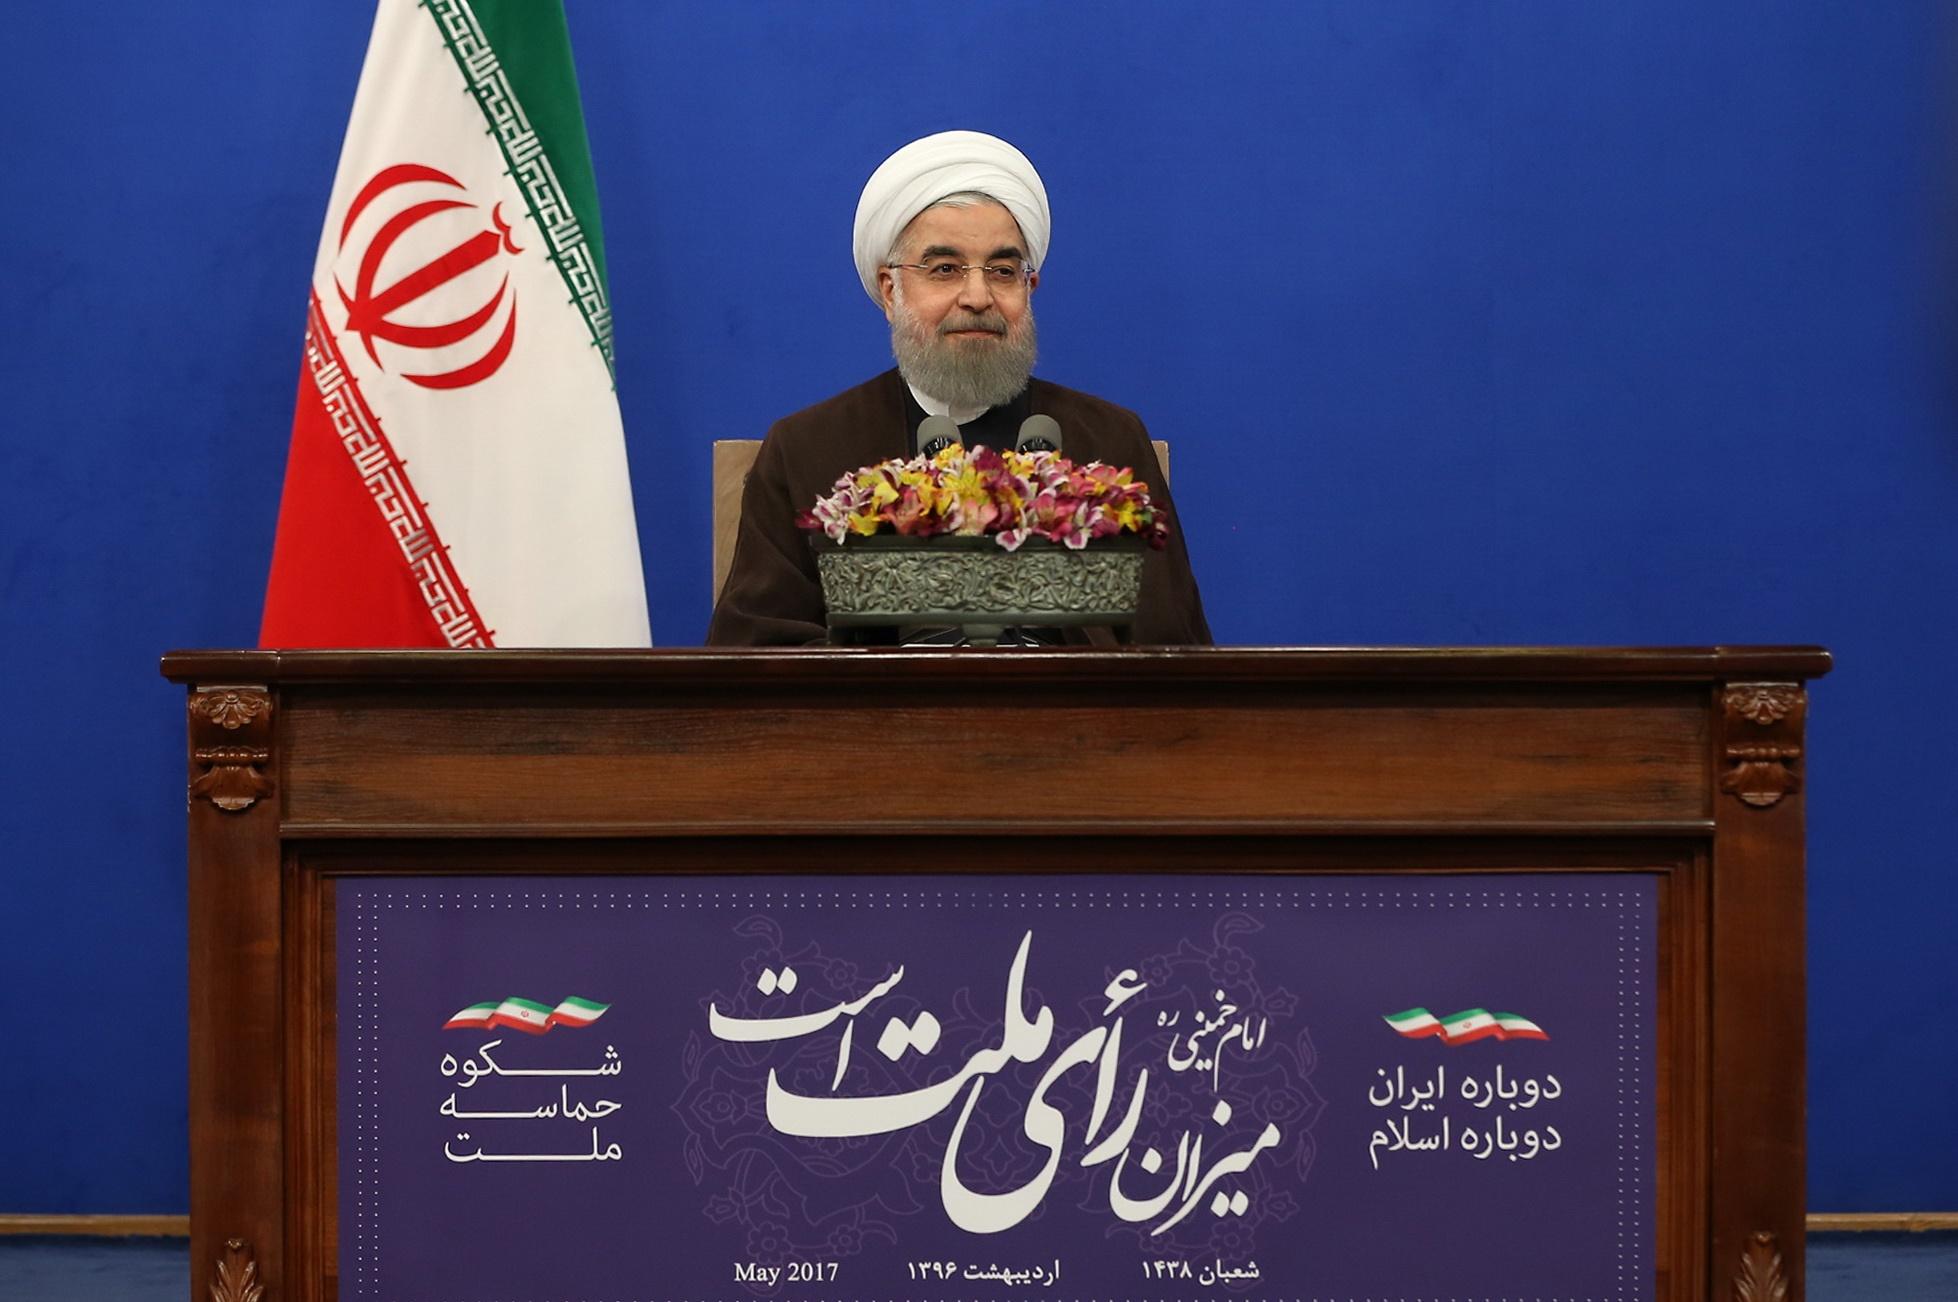 روحانی: رأی شما تاریخ کشور را از توقف و تردید دور کرد